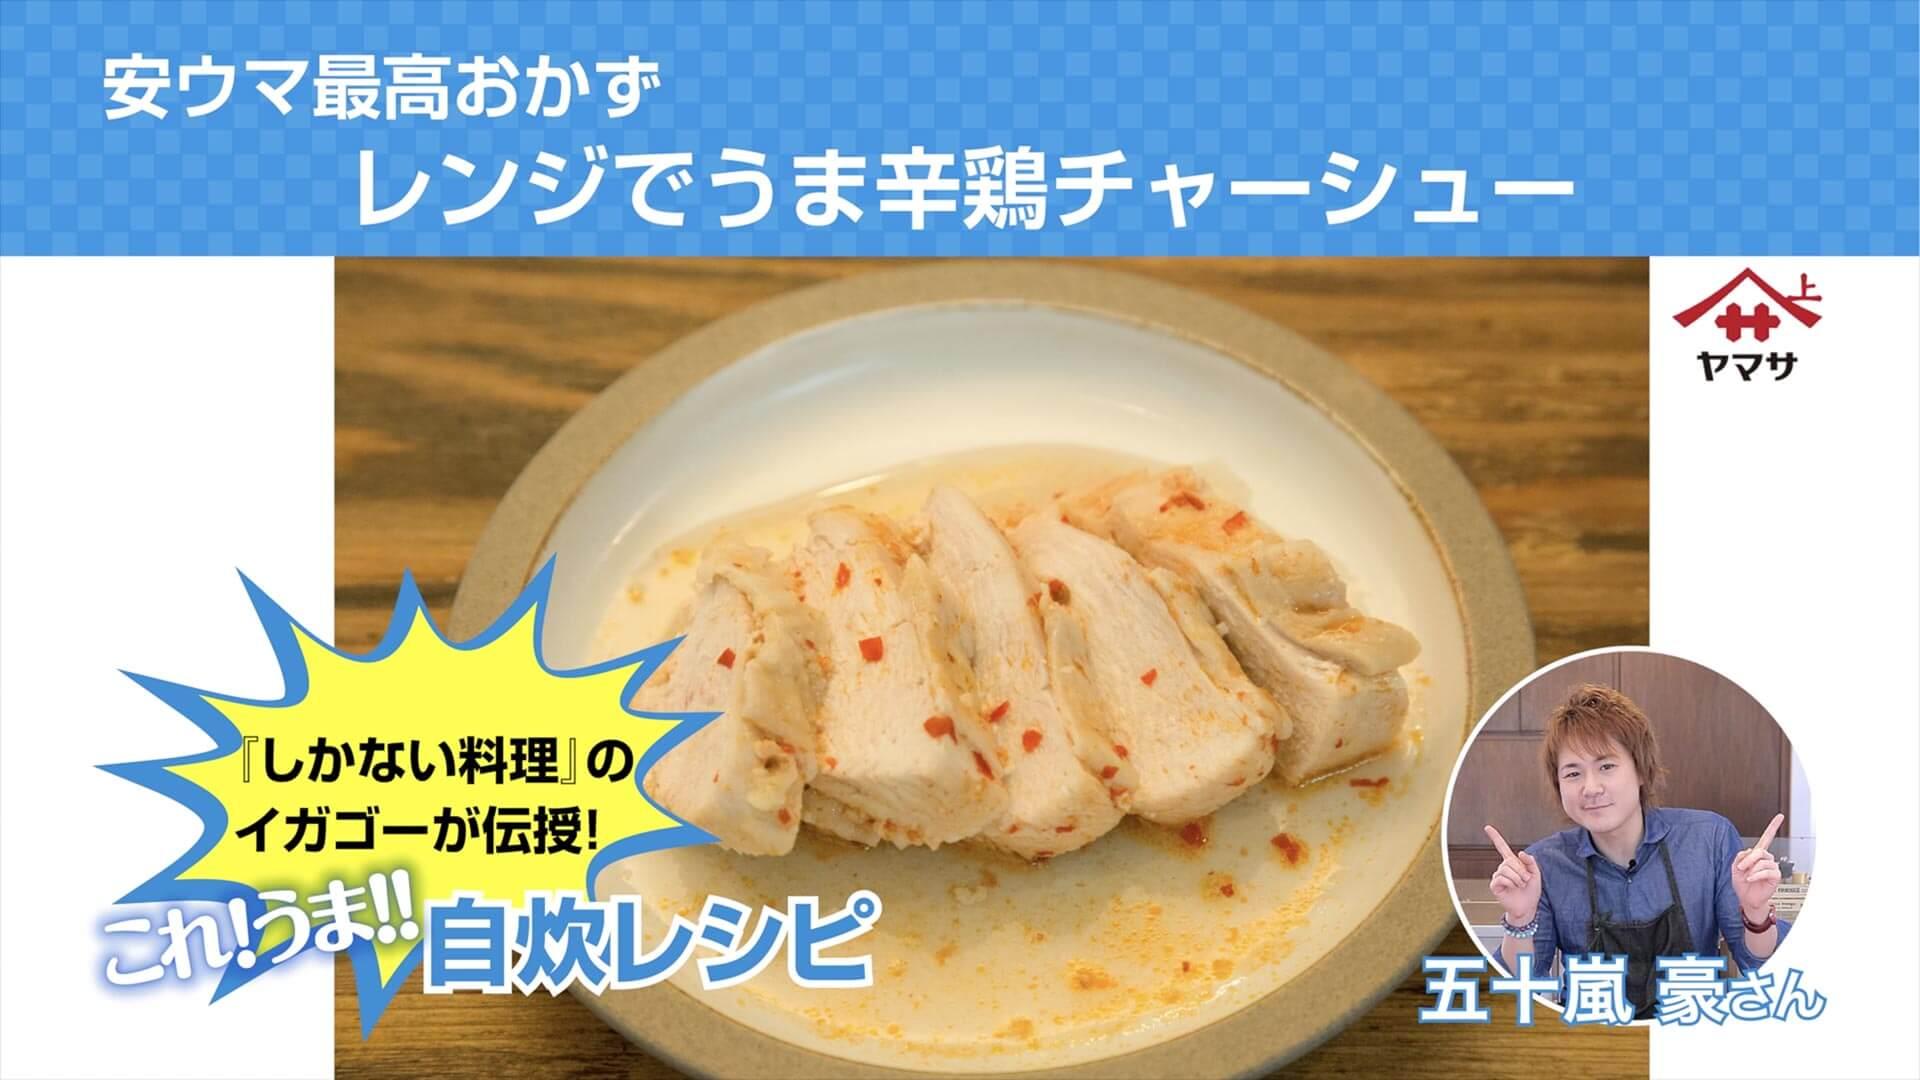 安ウマ最高おかず レンジでうま辛鶏チャーシュー